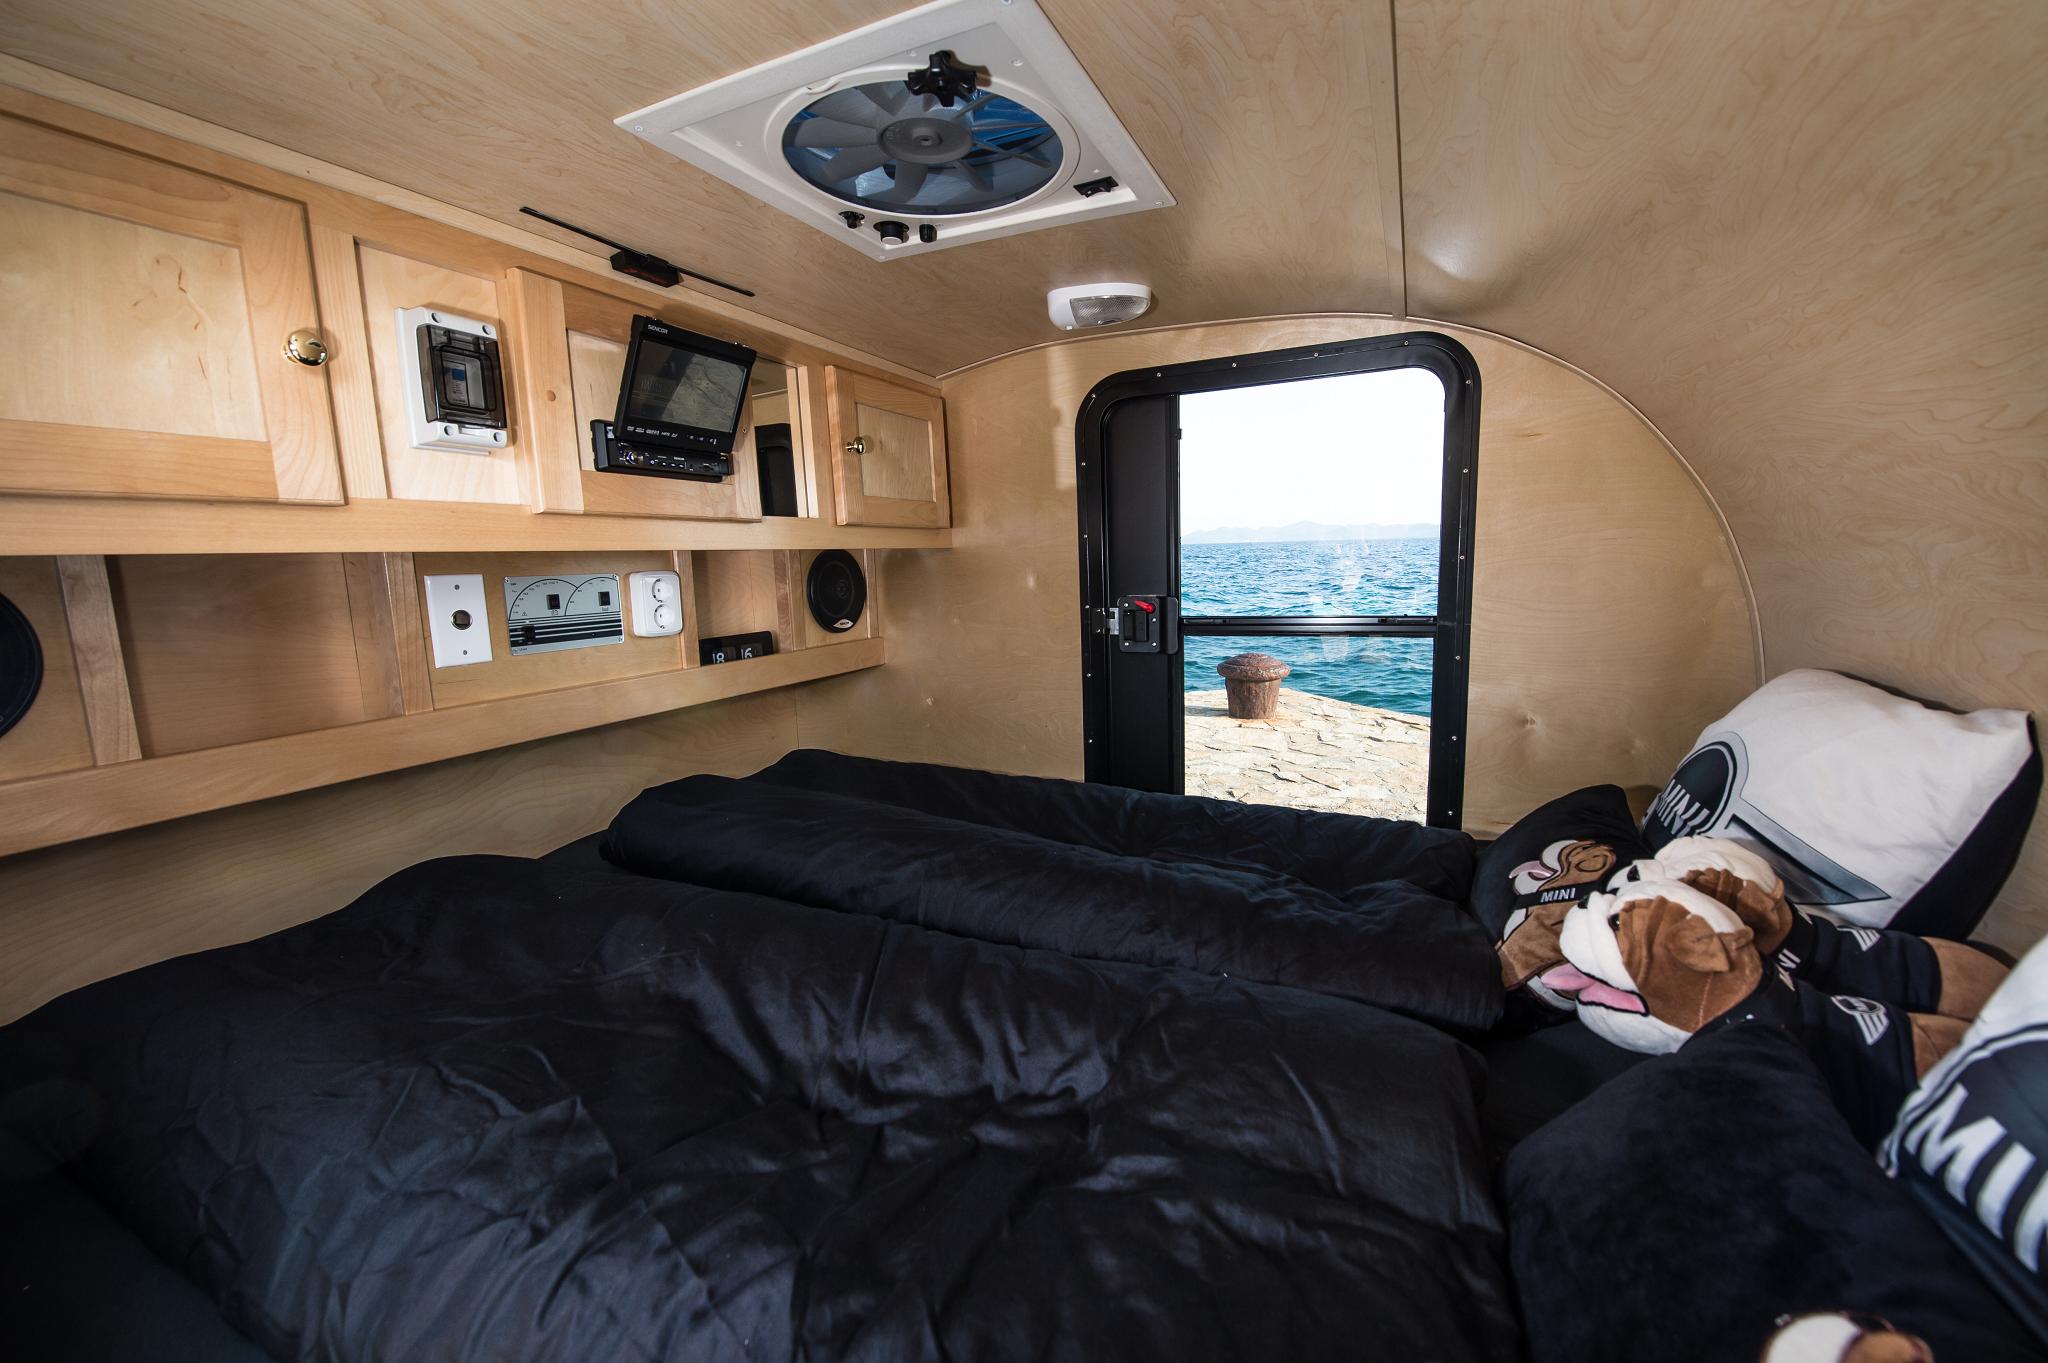 The MINI Cowley Caravan 4